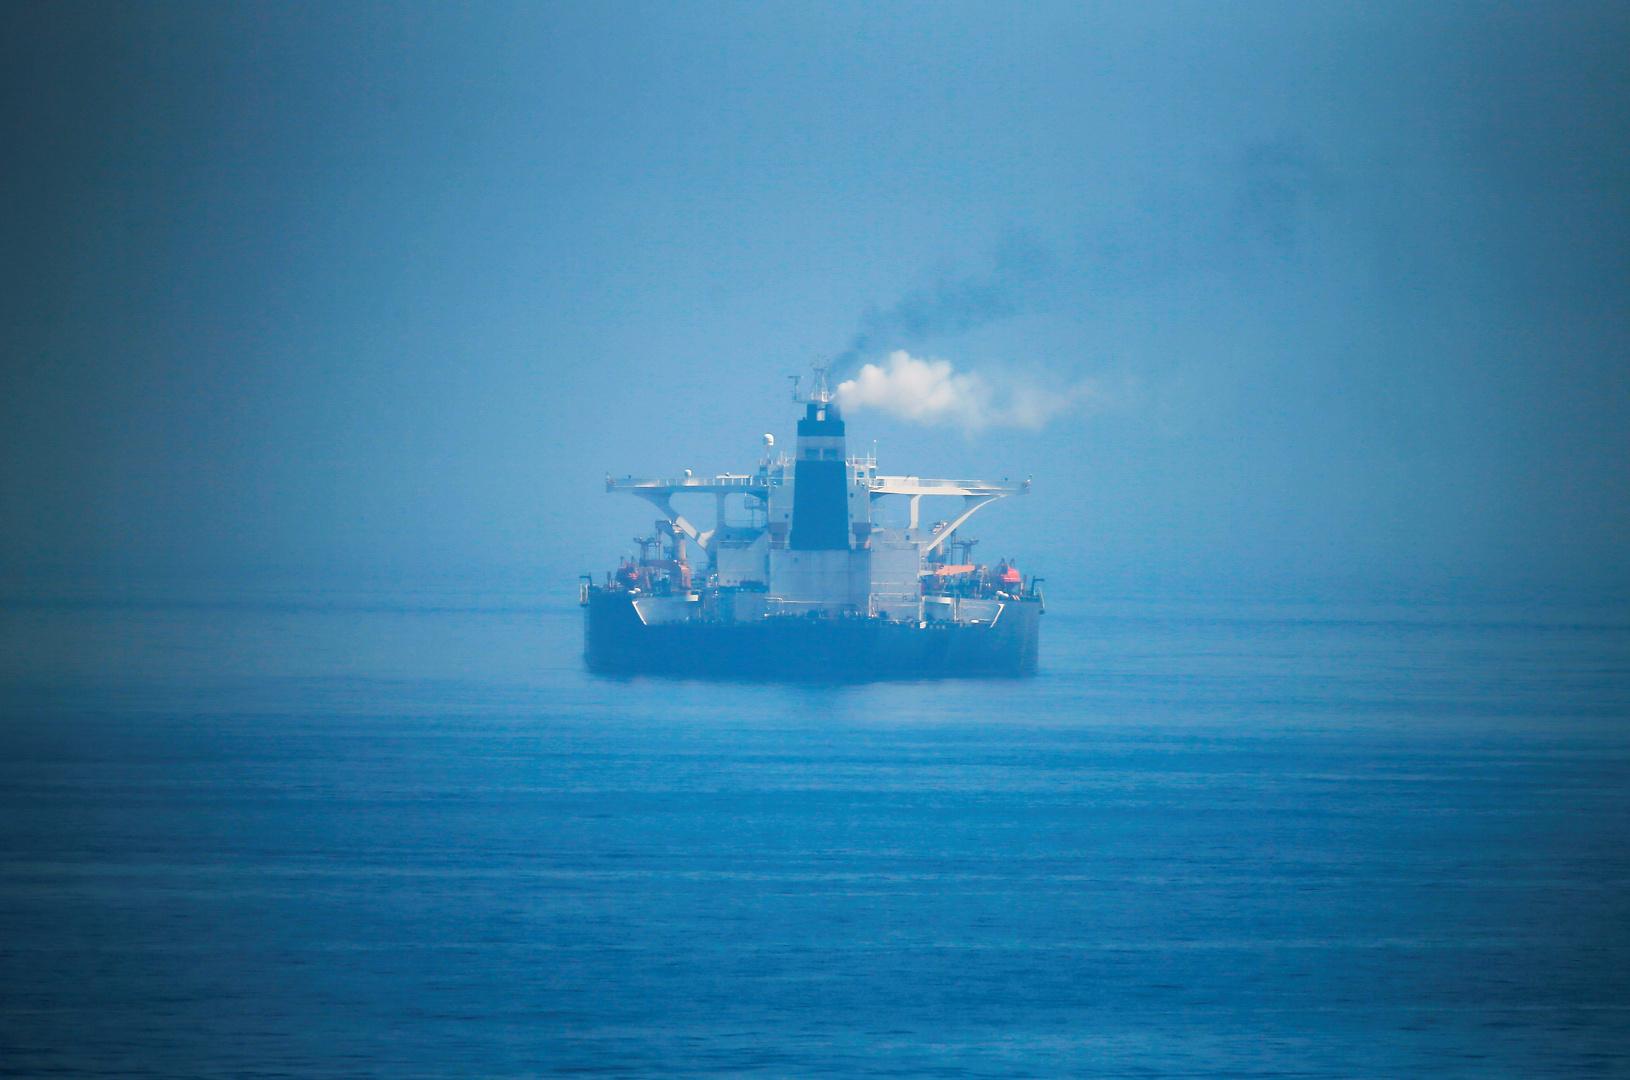 ناقلة النفط الإيرانية غريس 1، أرشيف